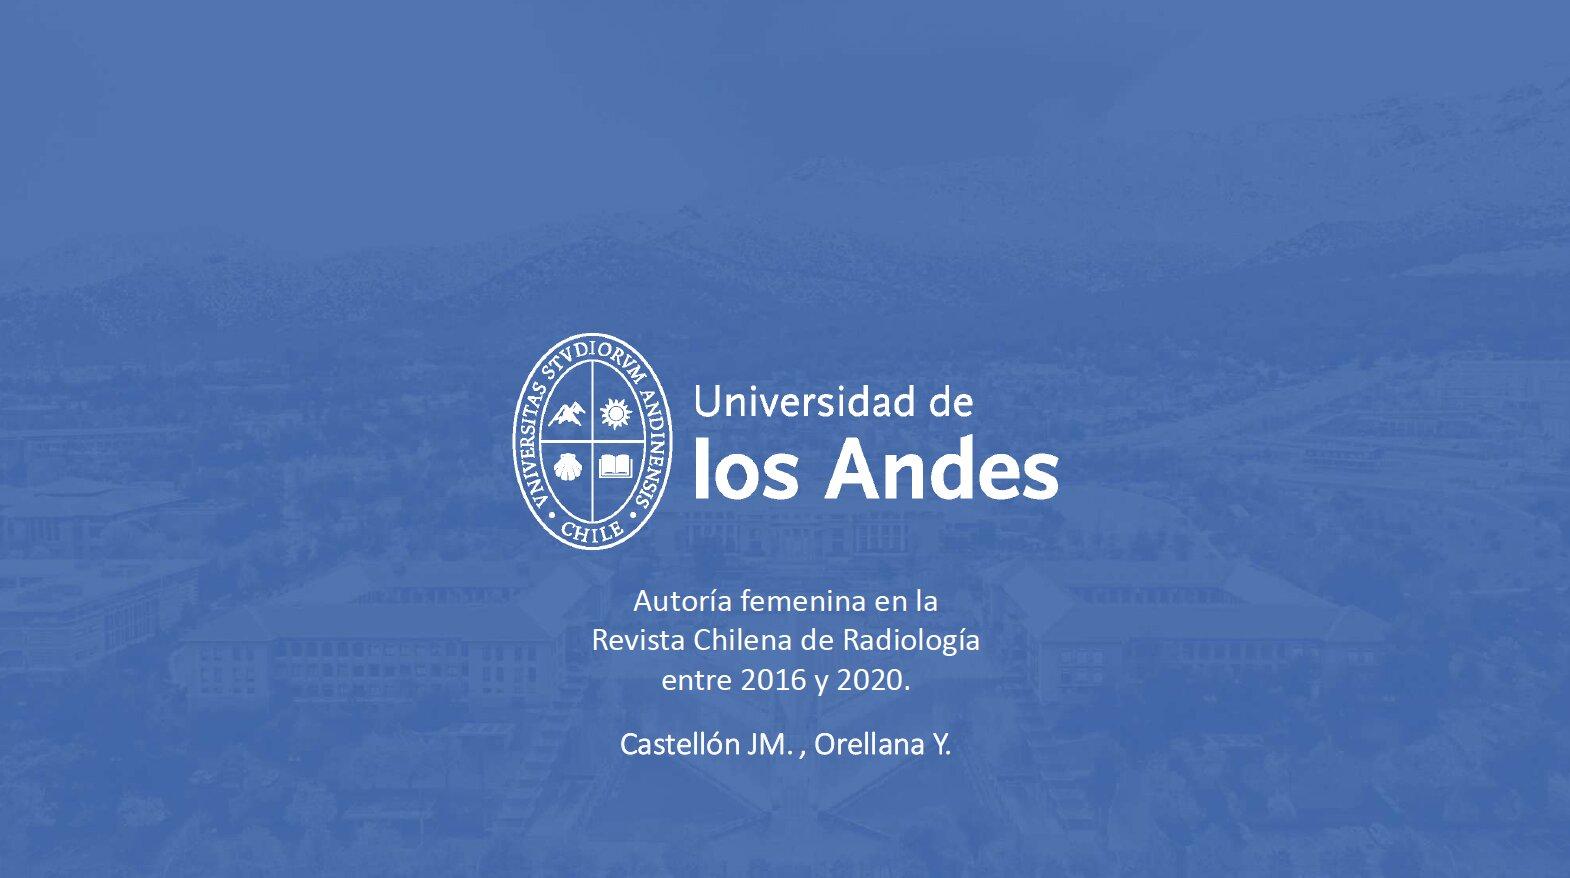 Autoría femenina en la Revista Chilena de Radiología entre 2016 y 2020.